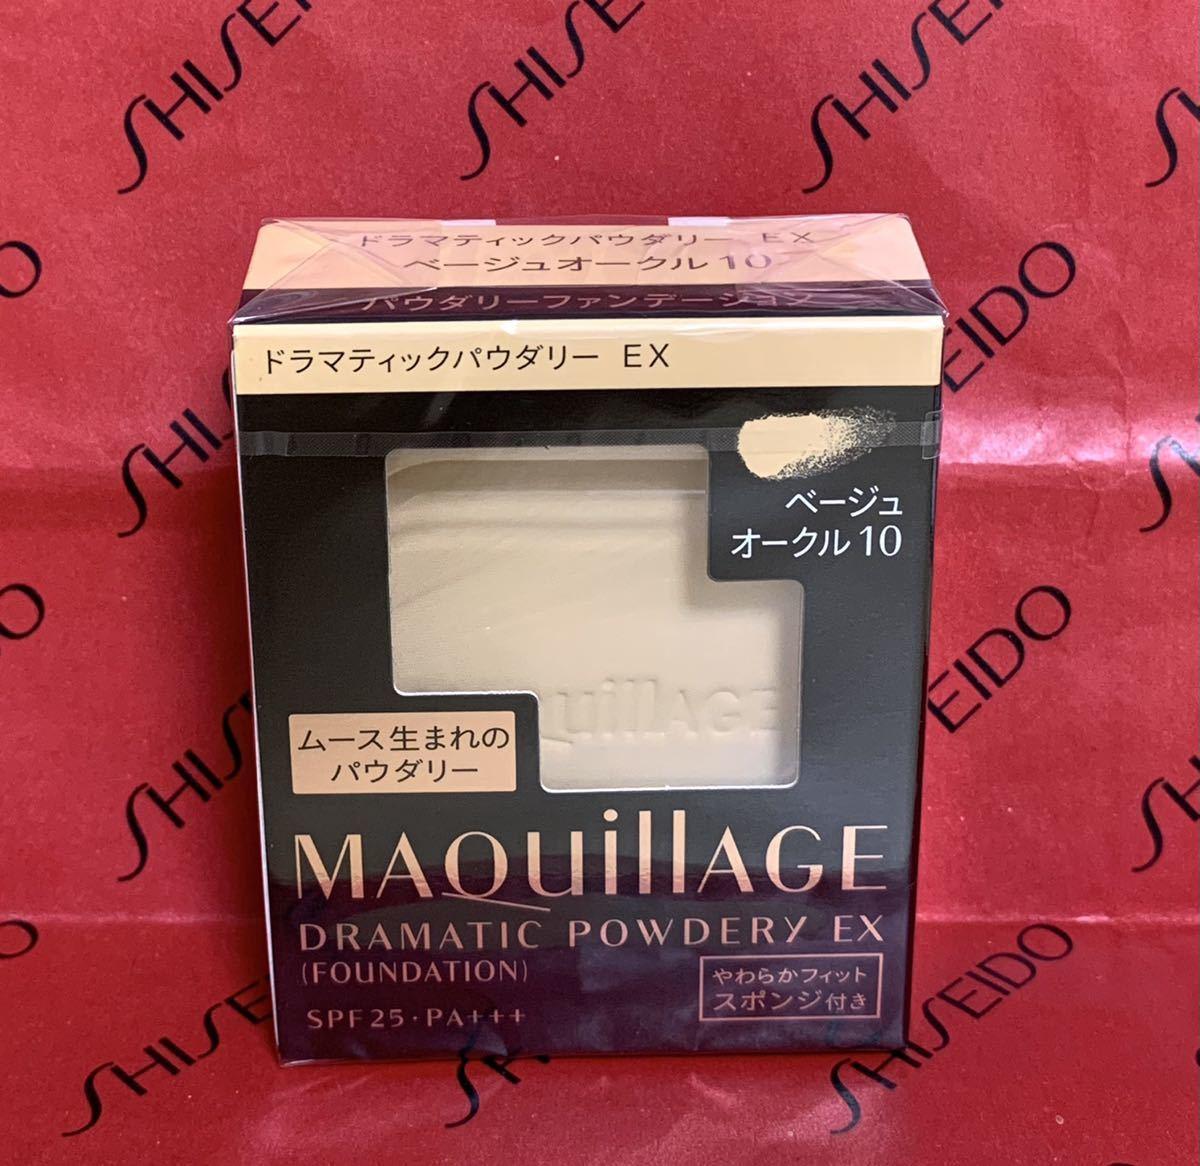 資生堂 マキアージュ ドラマティックパウダリー EX ベージュオークル10(レフィル)9.3g